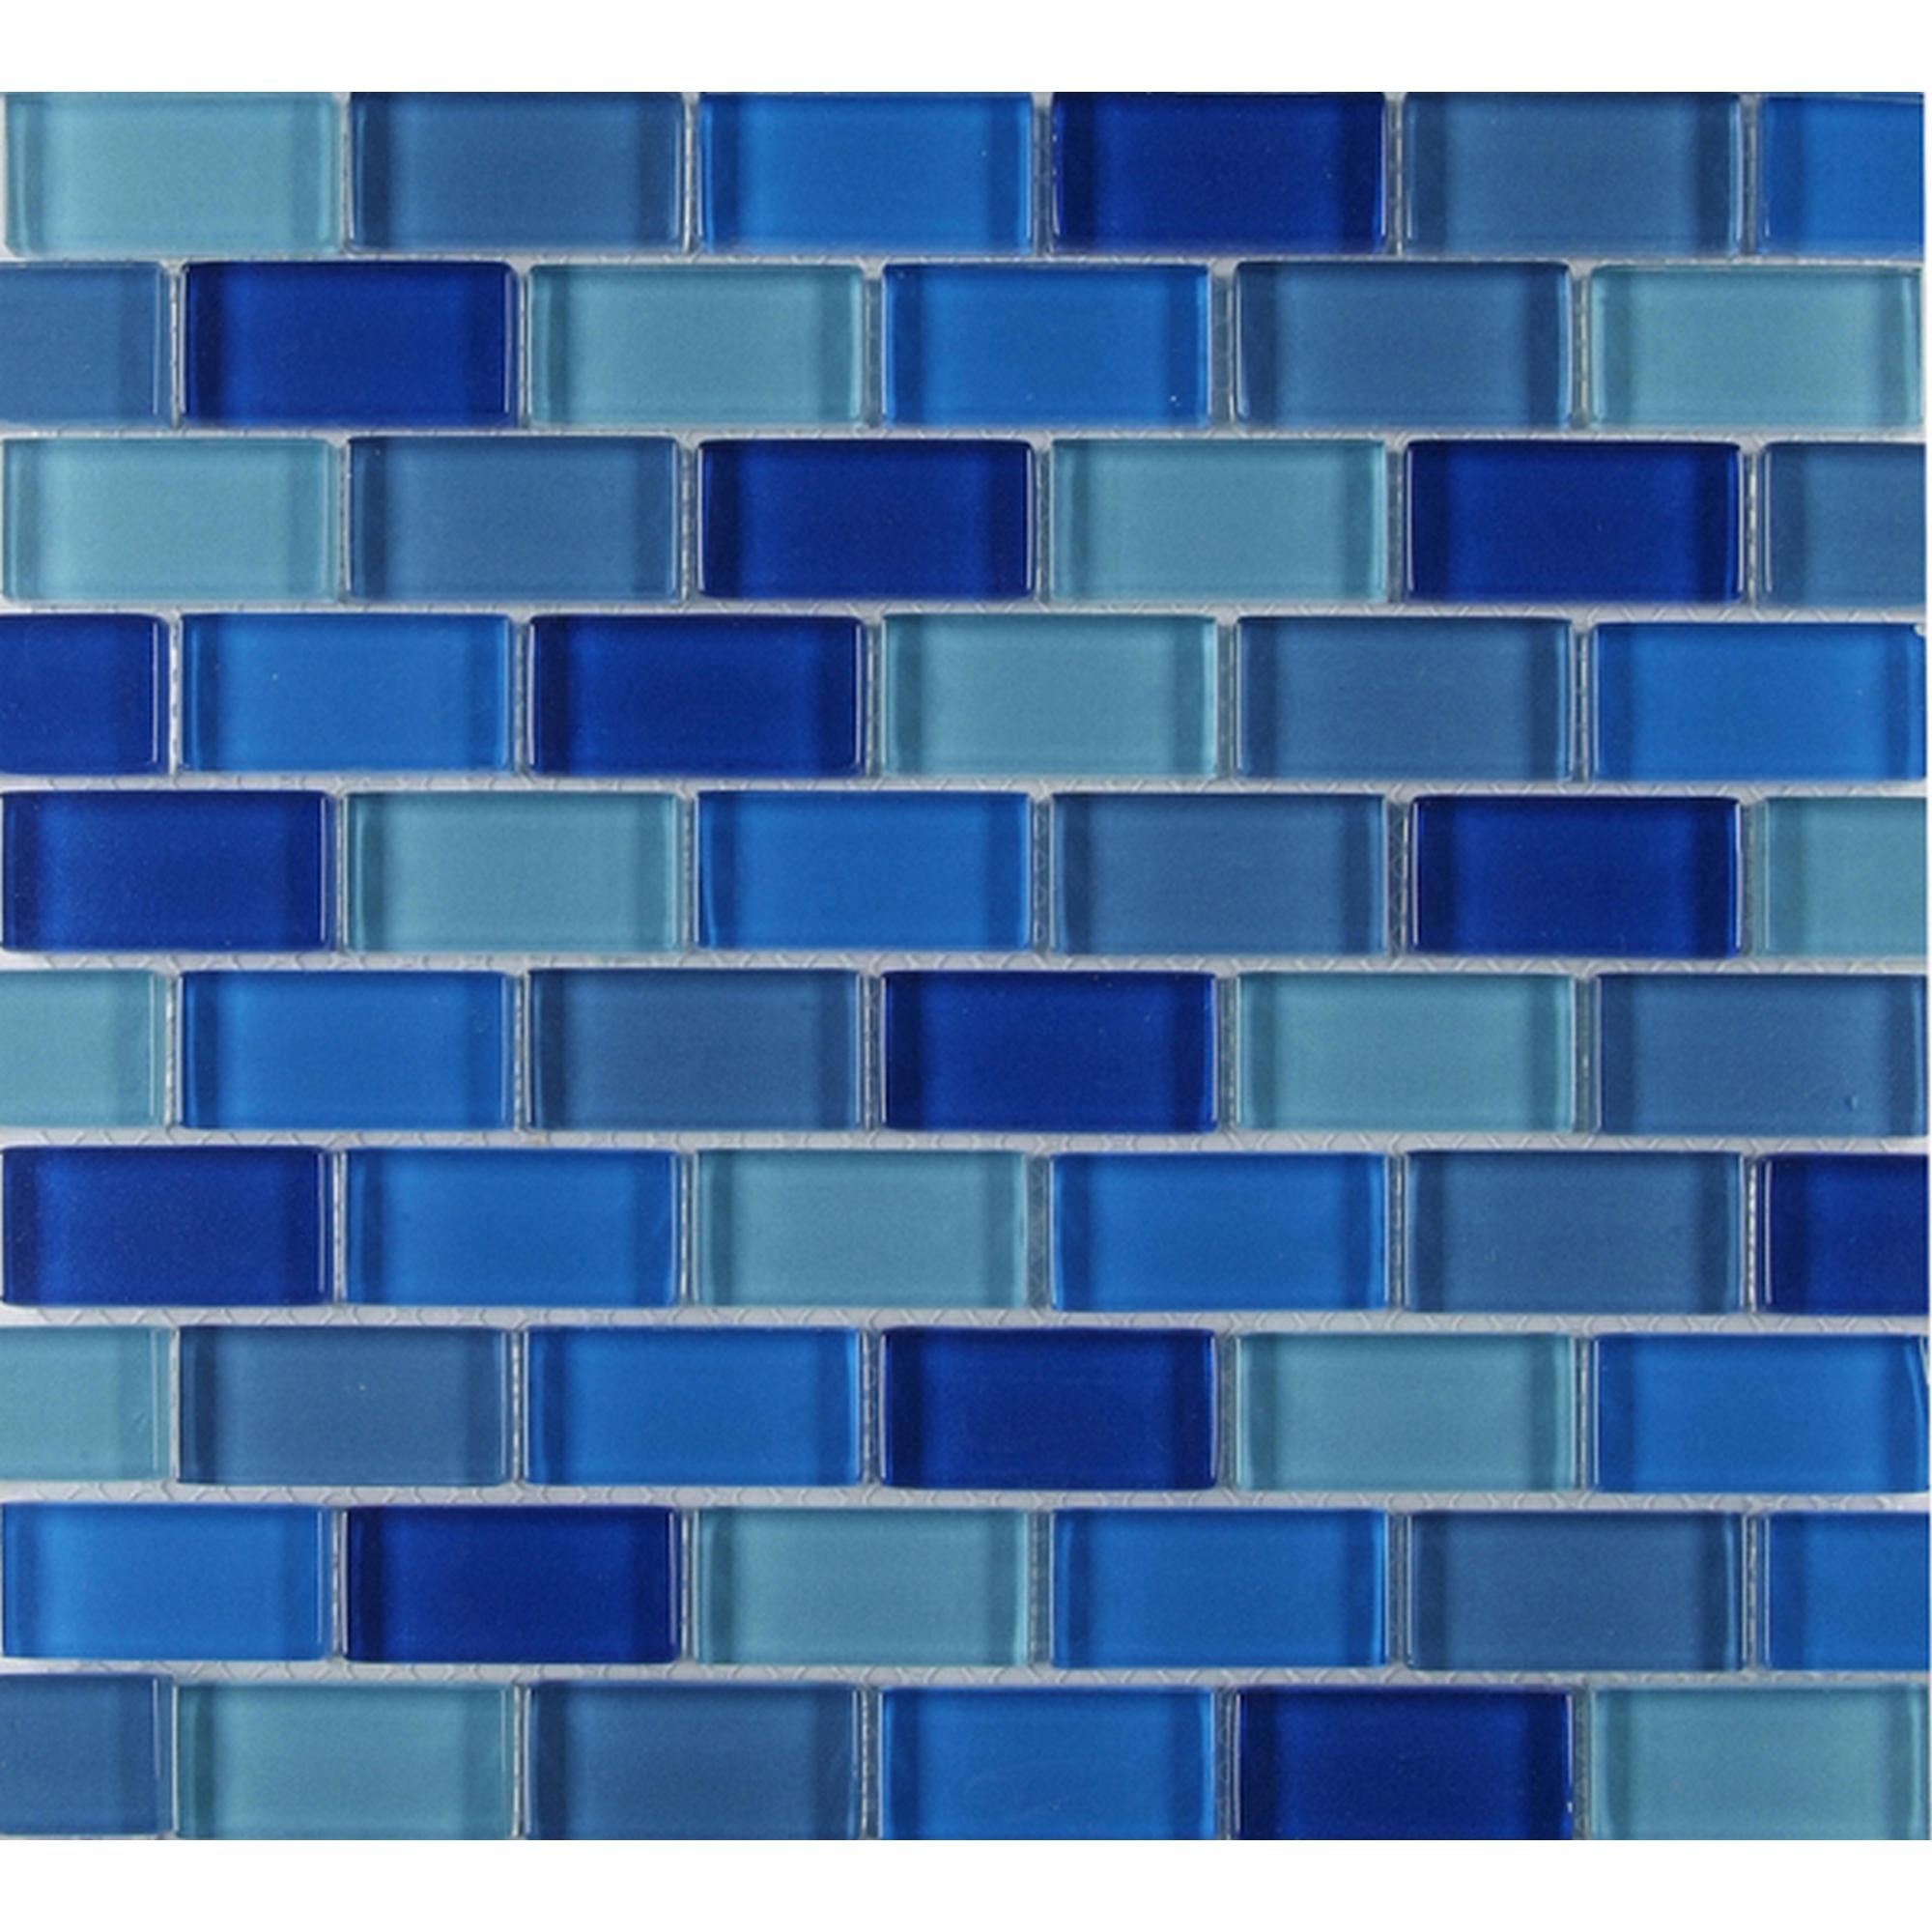 Mosaikfliese Glas Mix Blau 30x30cm Mosaikfliesen Glas Mosaikfliesen Mosaik